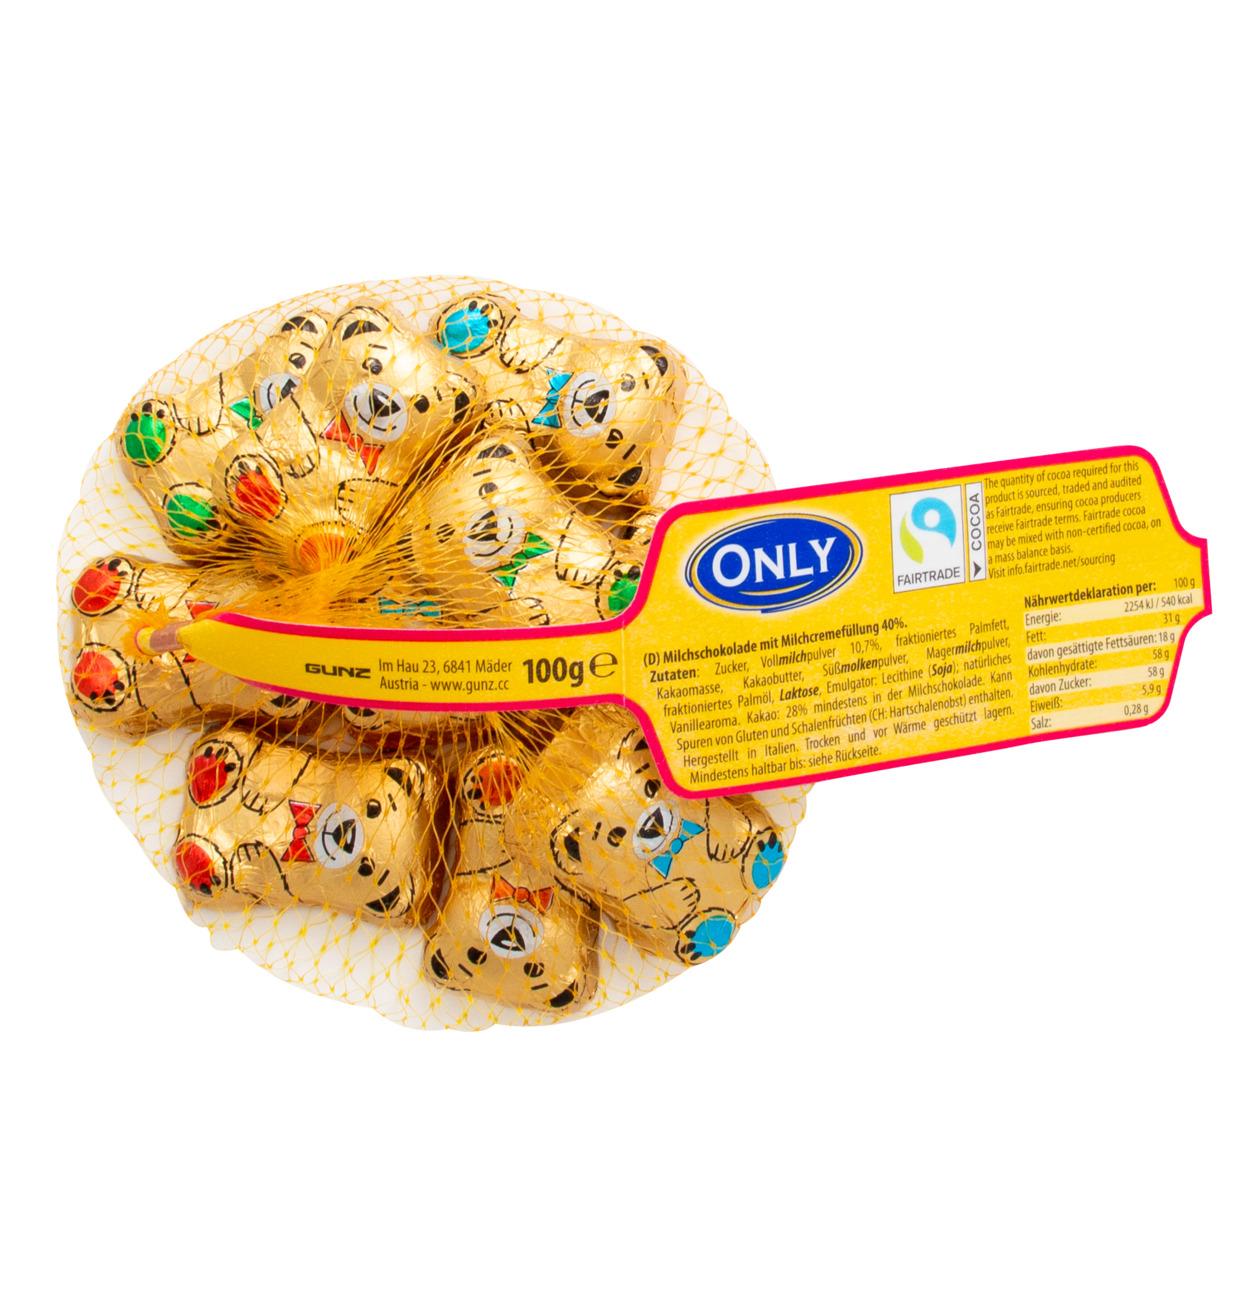 Goldbären Milchschokolade mit Milchcremefüllung